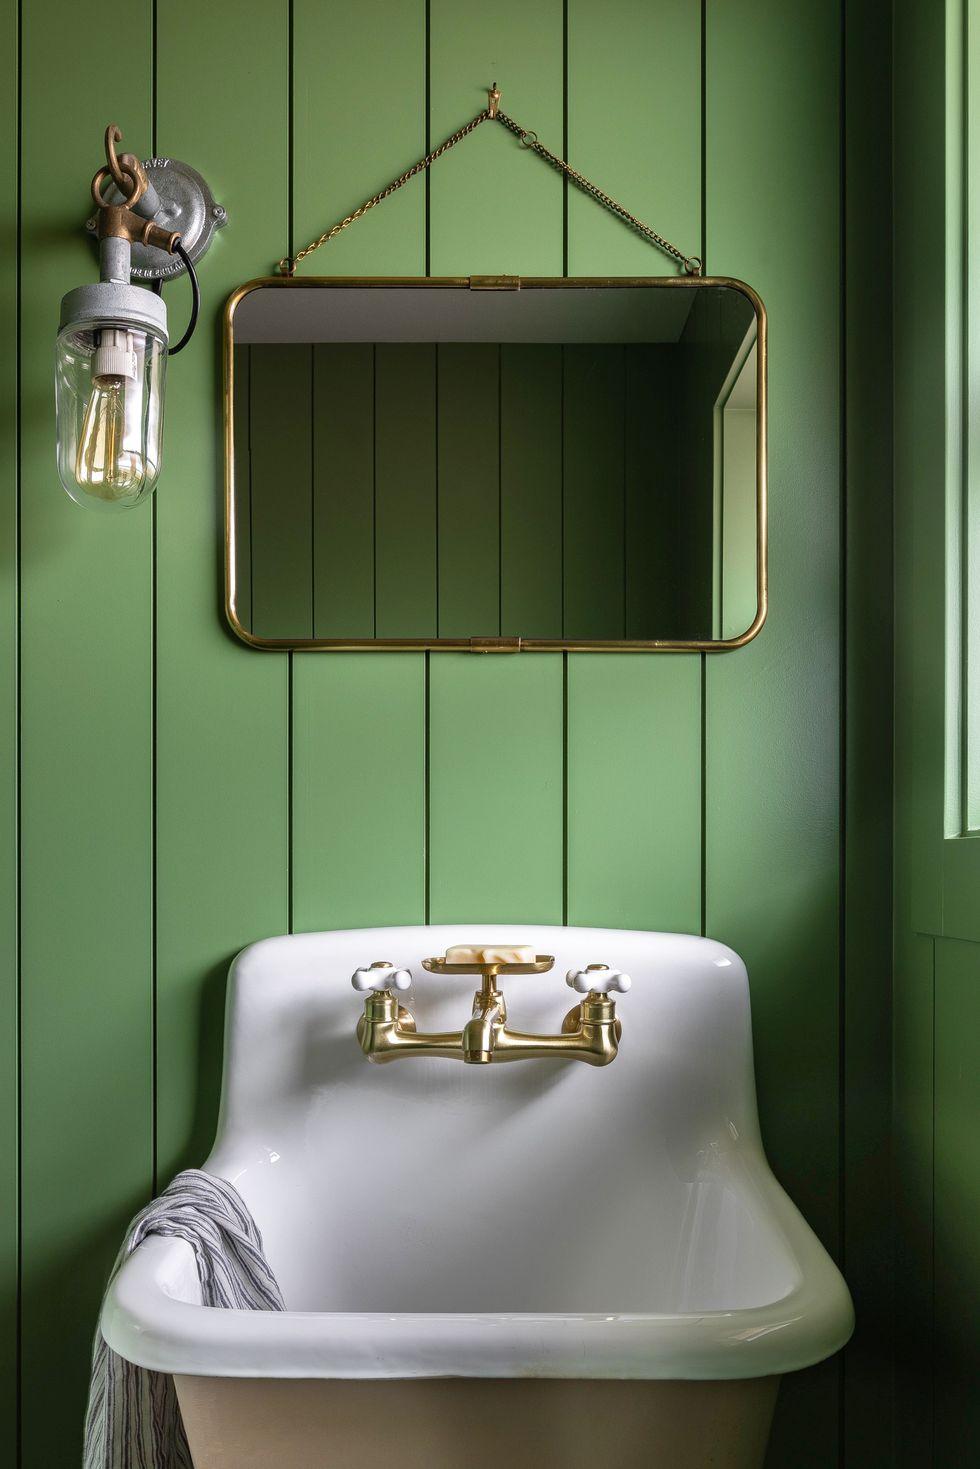 Современная деревенская мебель в ванной